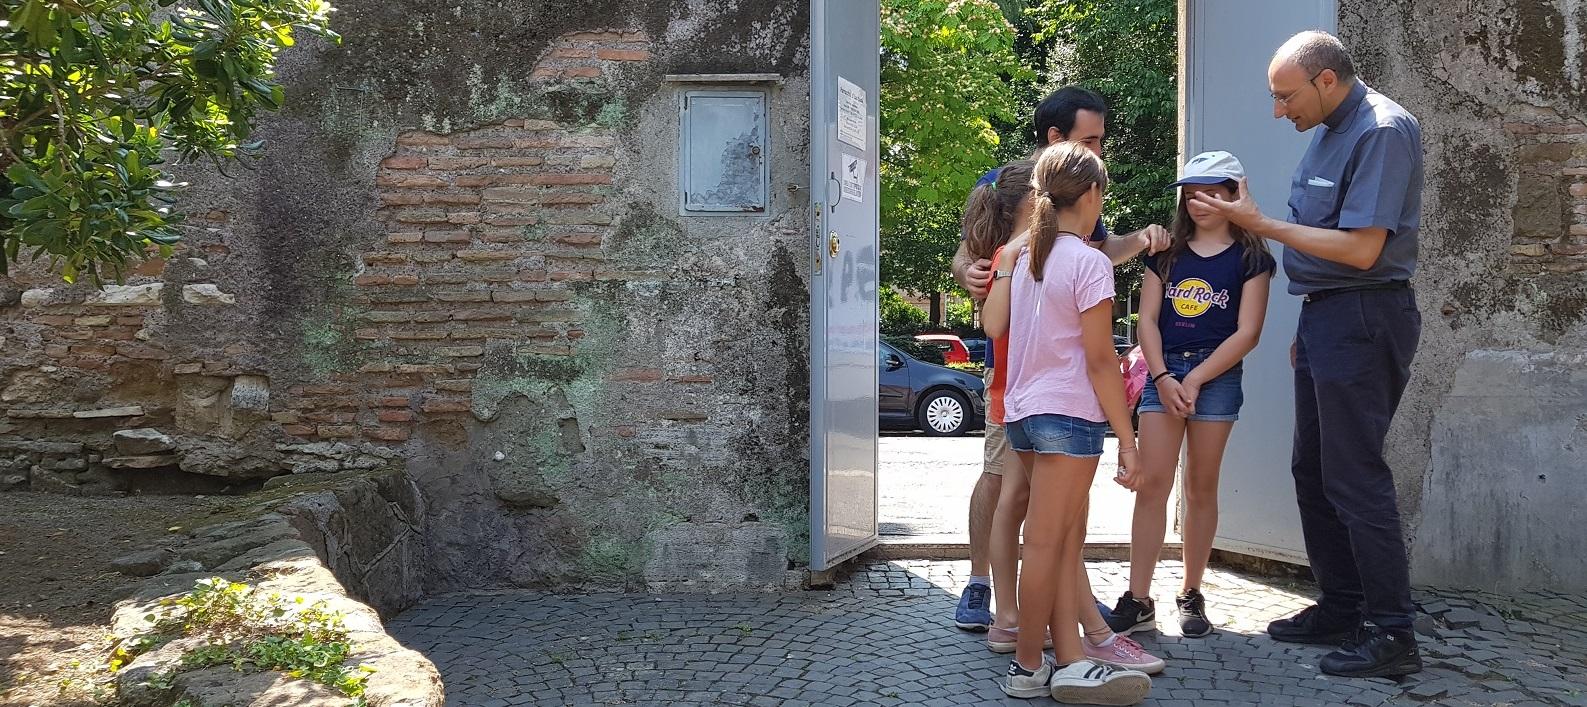 Il parroco incontra i giovani del quartiere - Parrocchia di san Saba a Roma